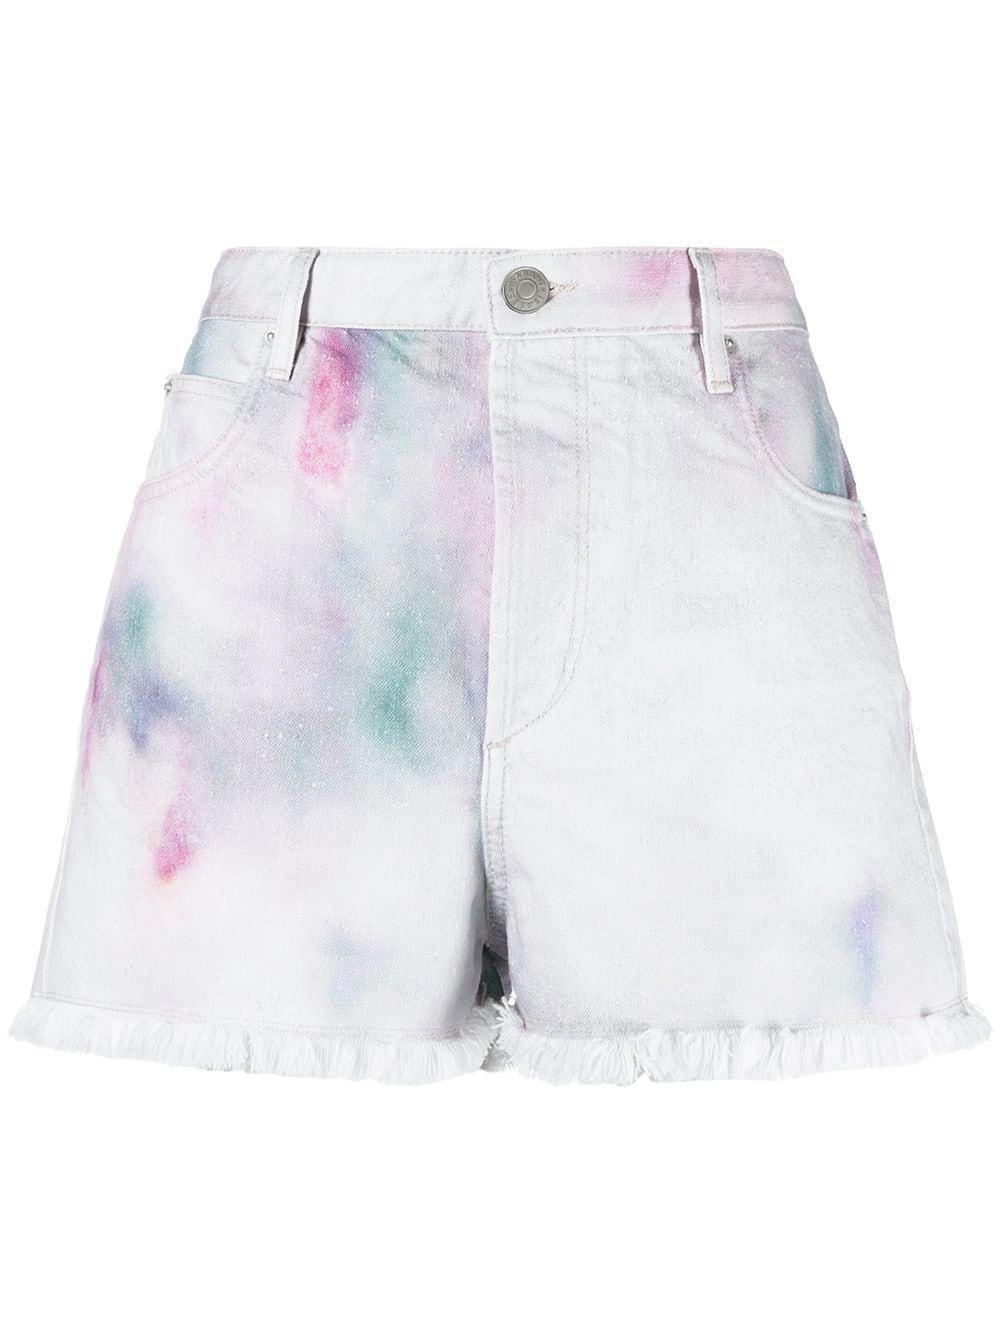 Lesiabb Denim Shorts Item # 21PSH0373-21P022E